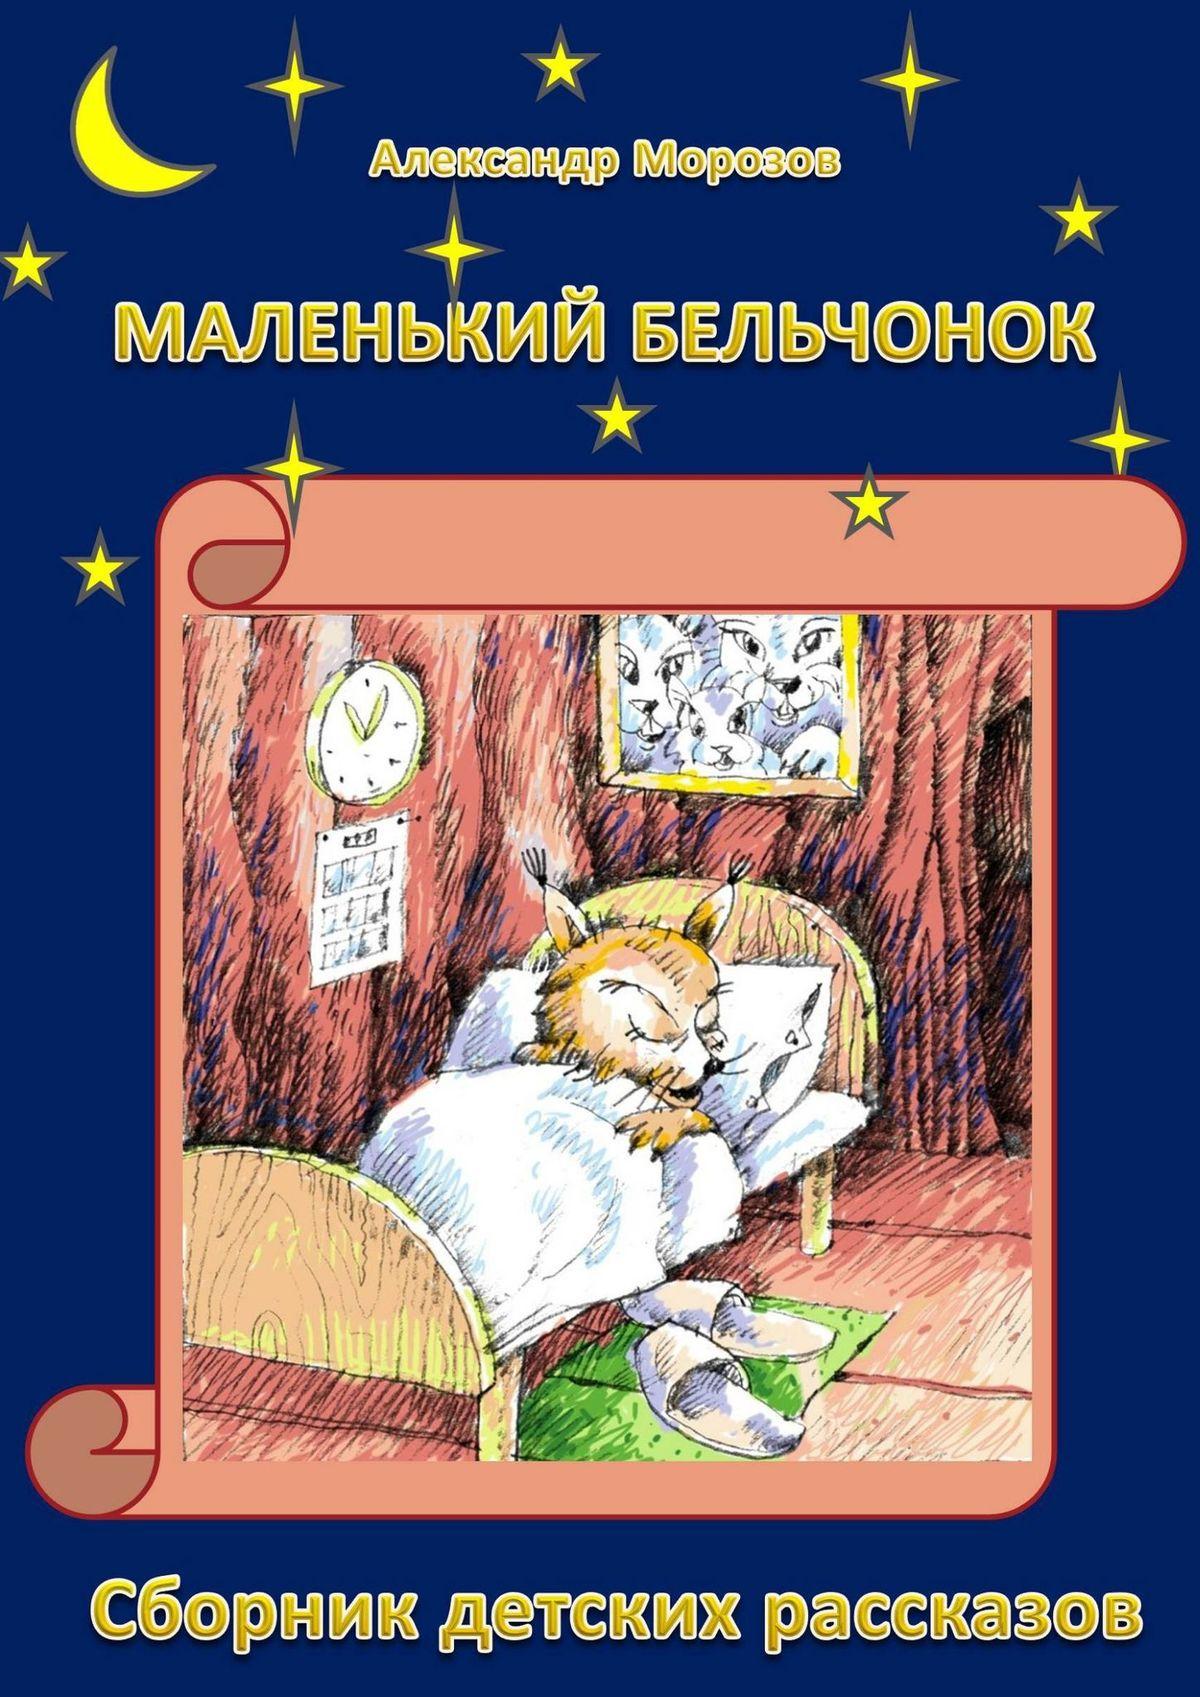 Маленький бельчонок. Сборник детских рассказов